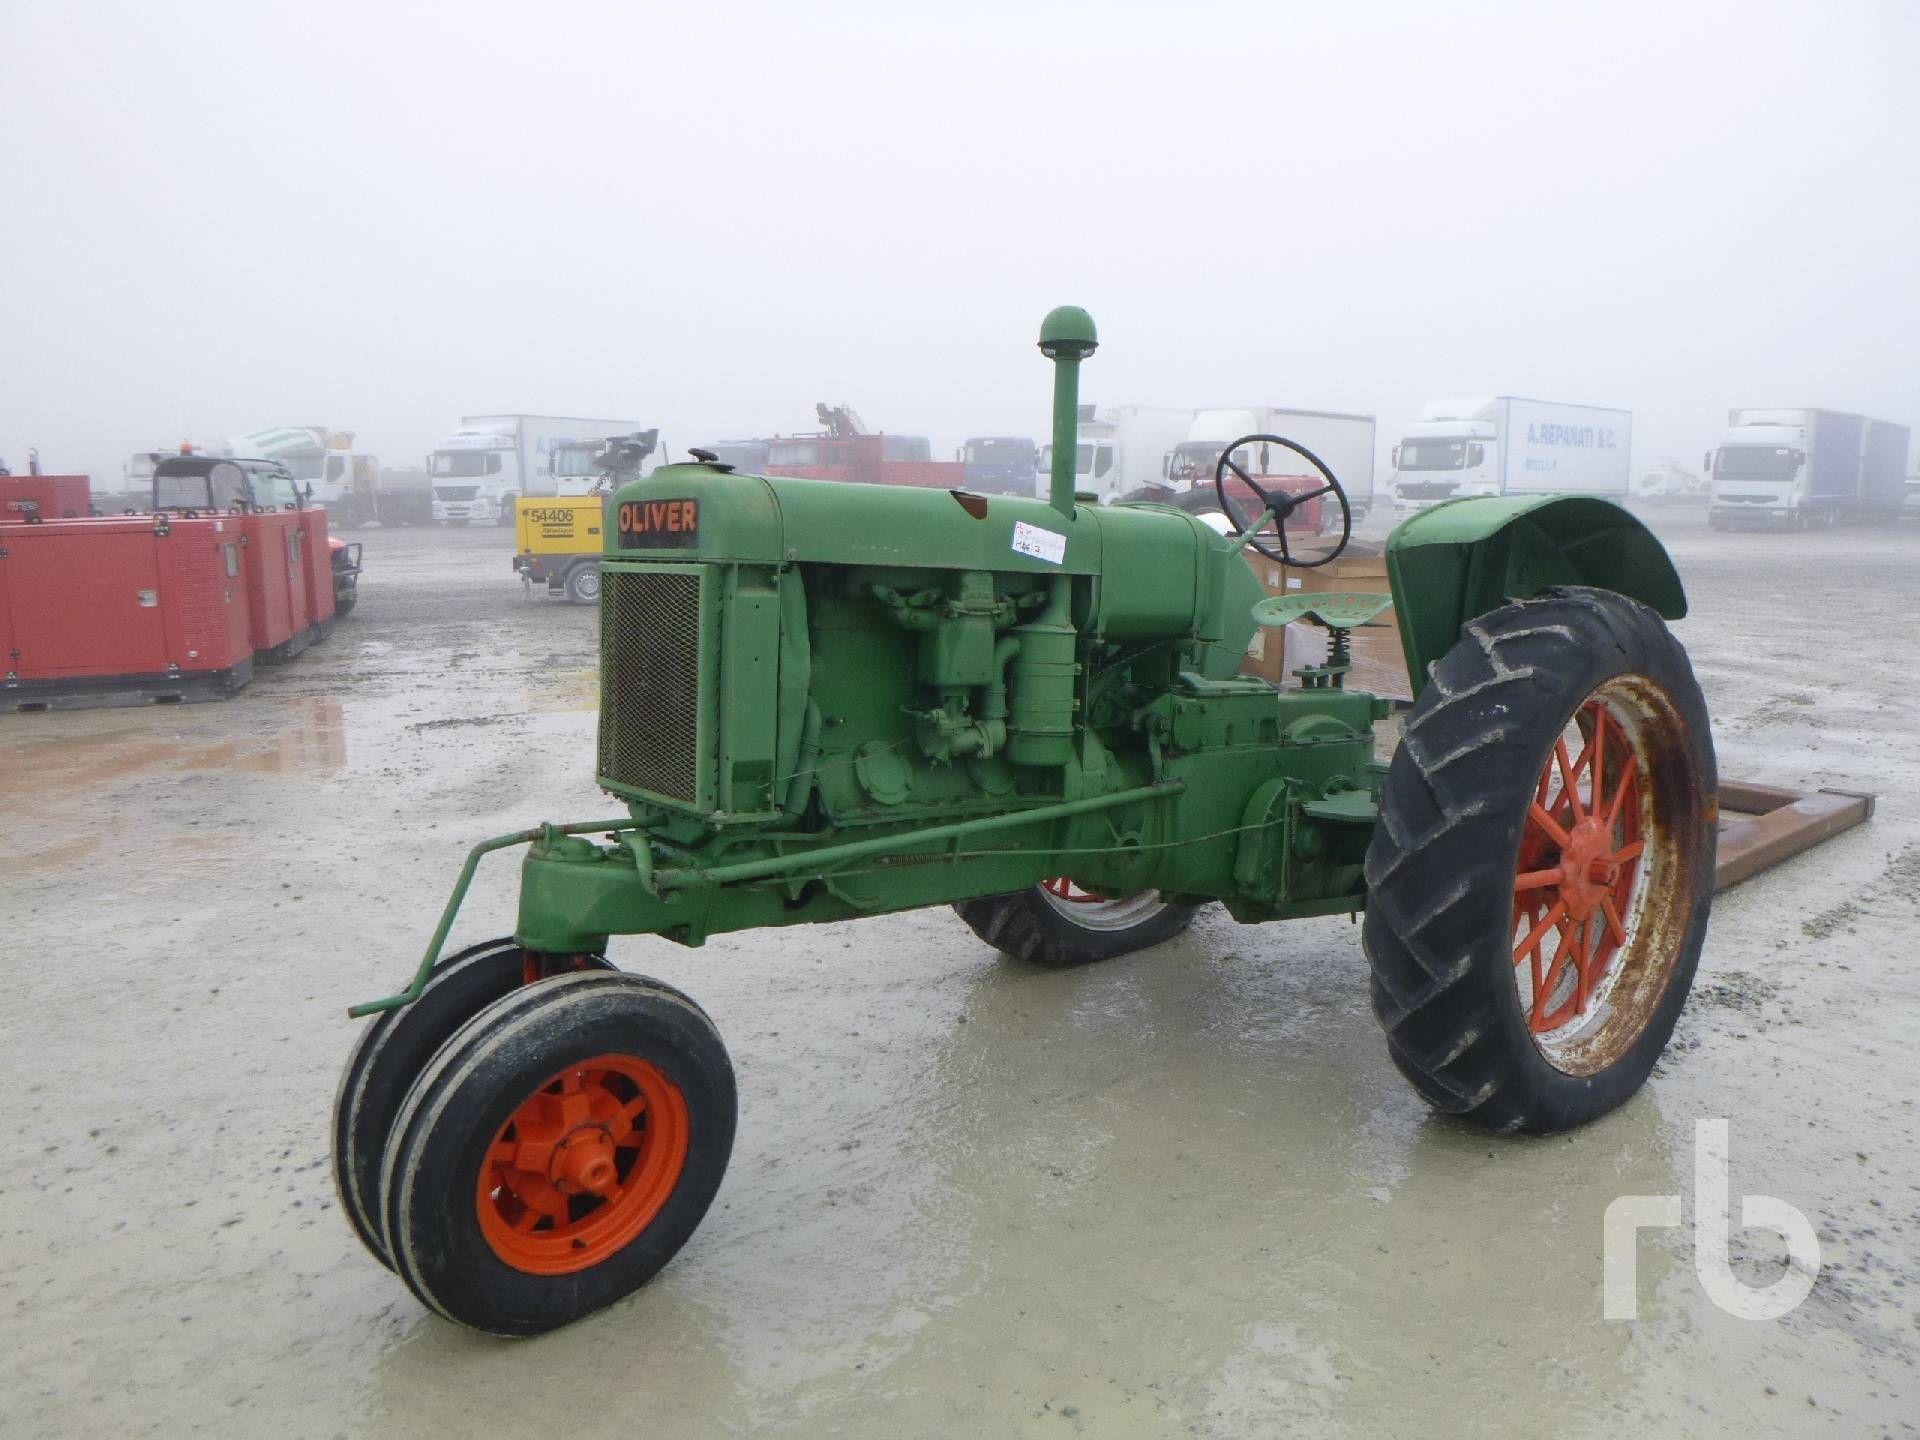 OLIVER Antiker Traktor